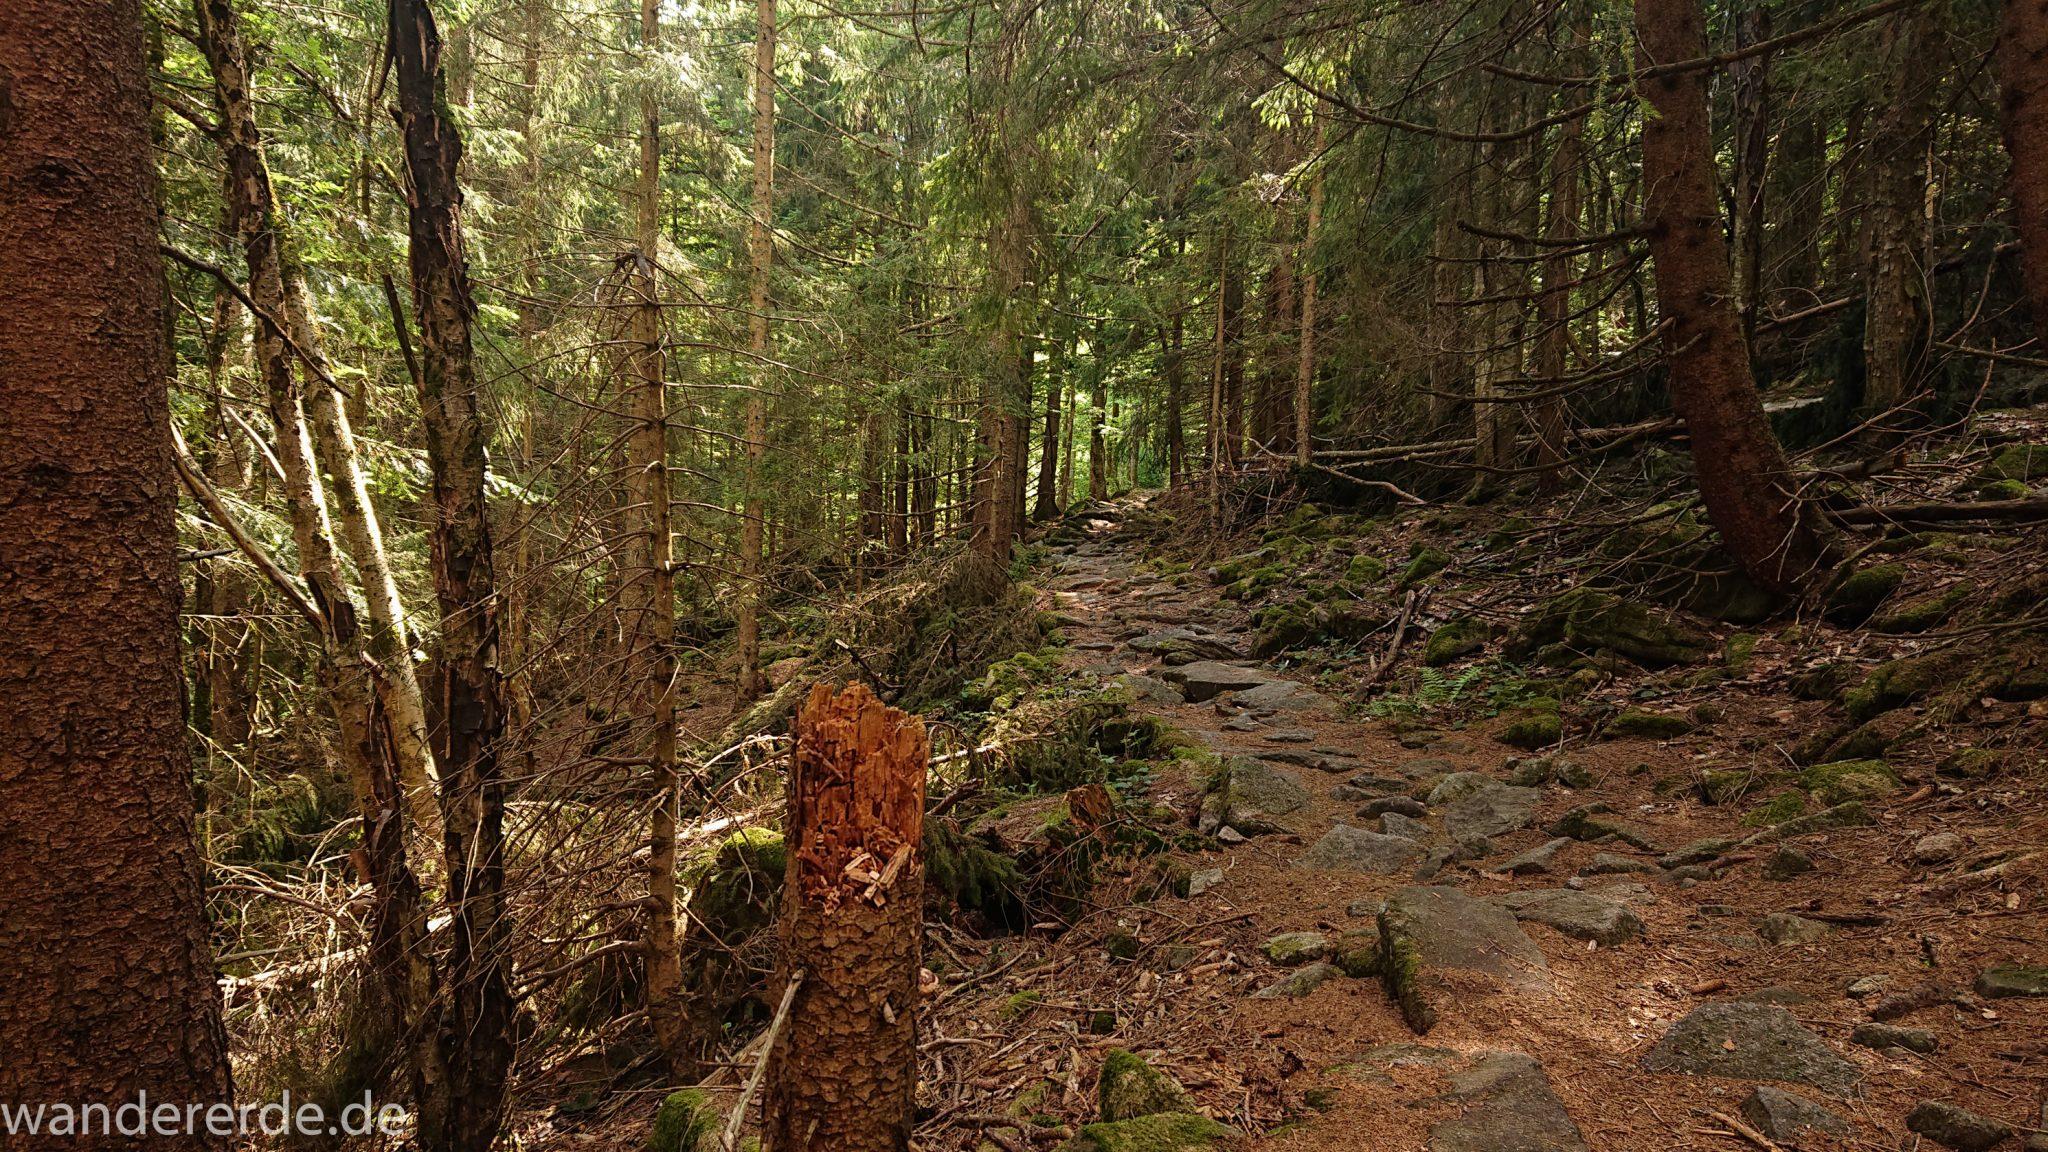 Wanderung Großer Rachel im Nationalpark Bayerischer Wald, Start Parkplatz Oberfrauenau, sehr abwechslungsreicher Wanderweg auf den Berg großer Rachel über Stock und Stein, kühlender Schatten an warmem Frühlingstag